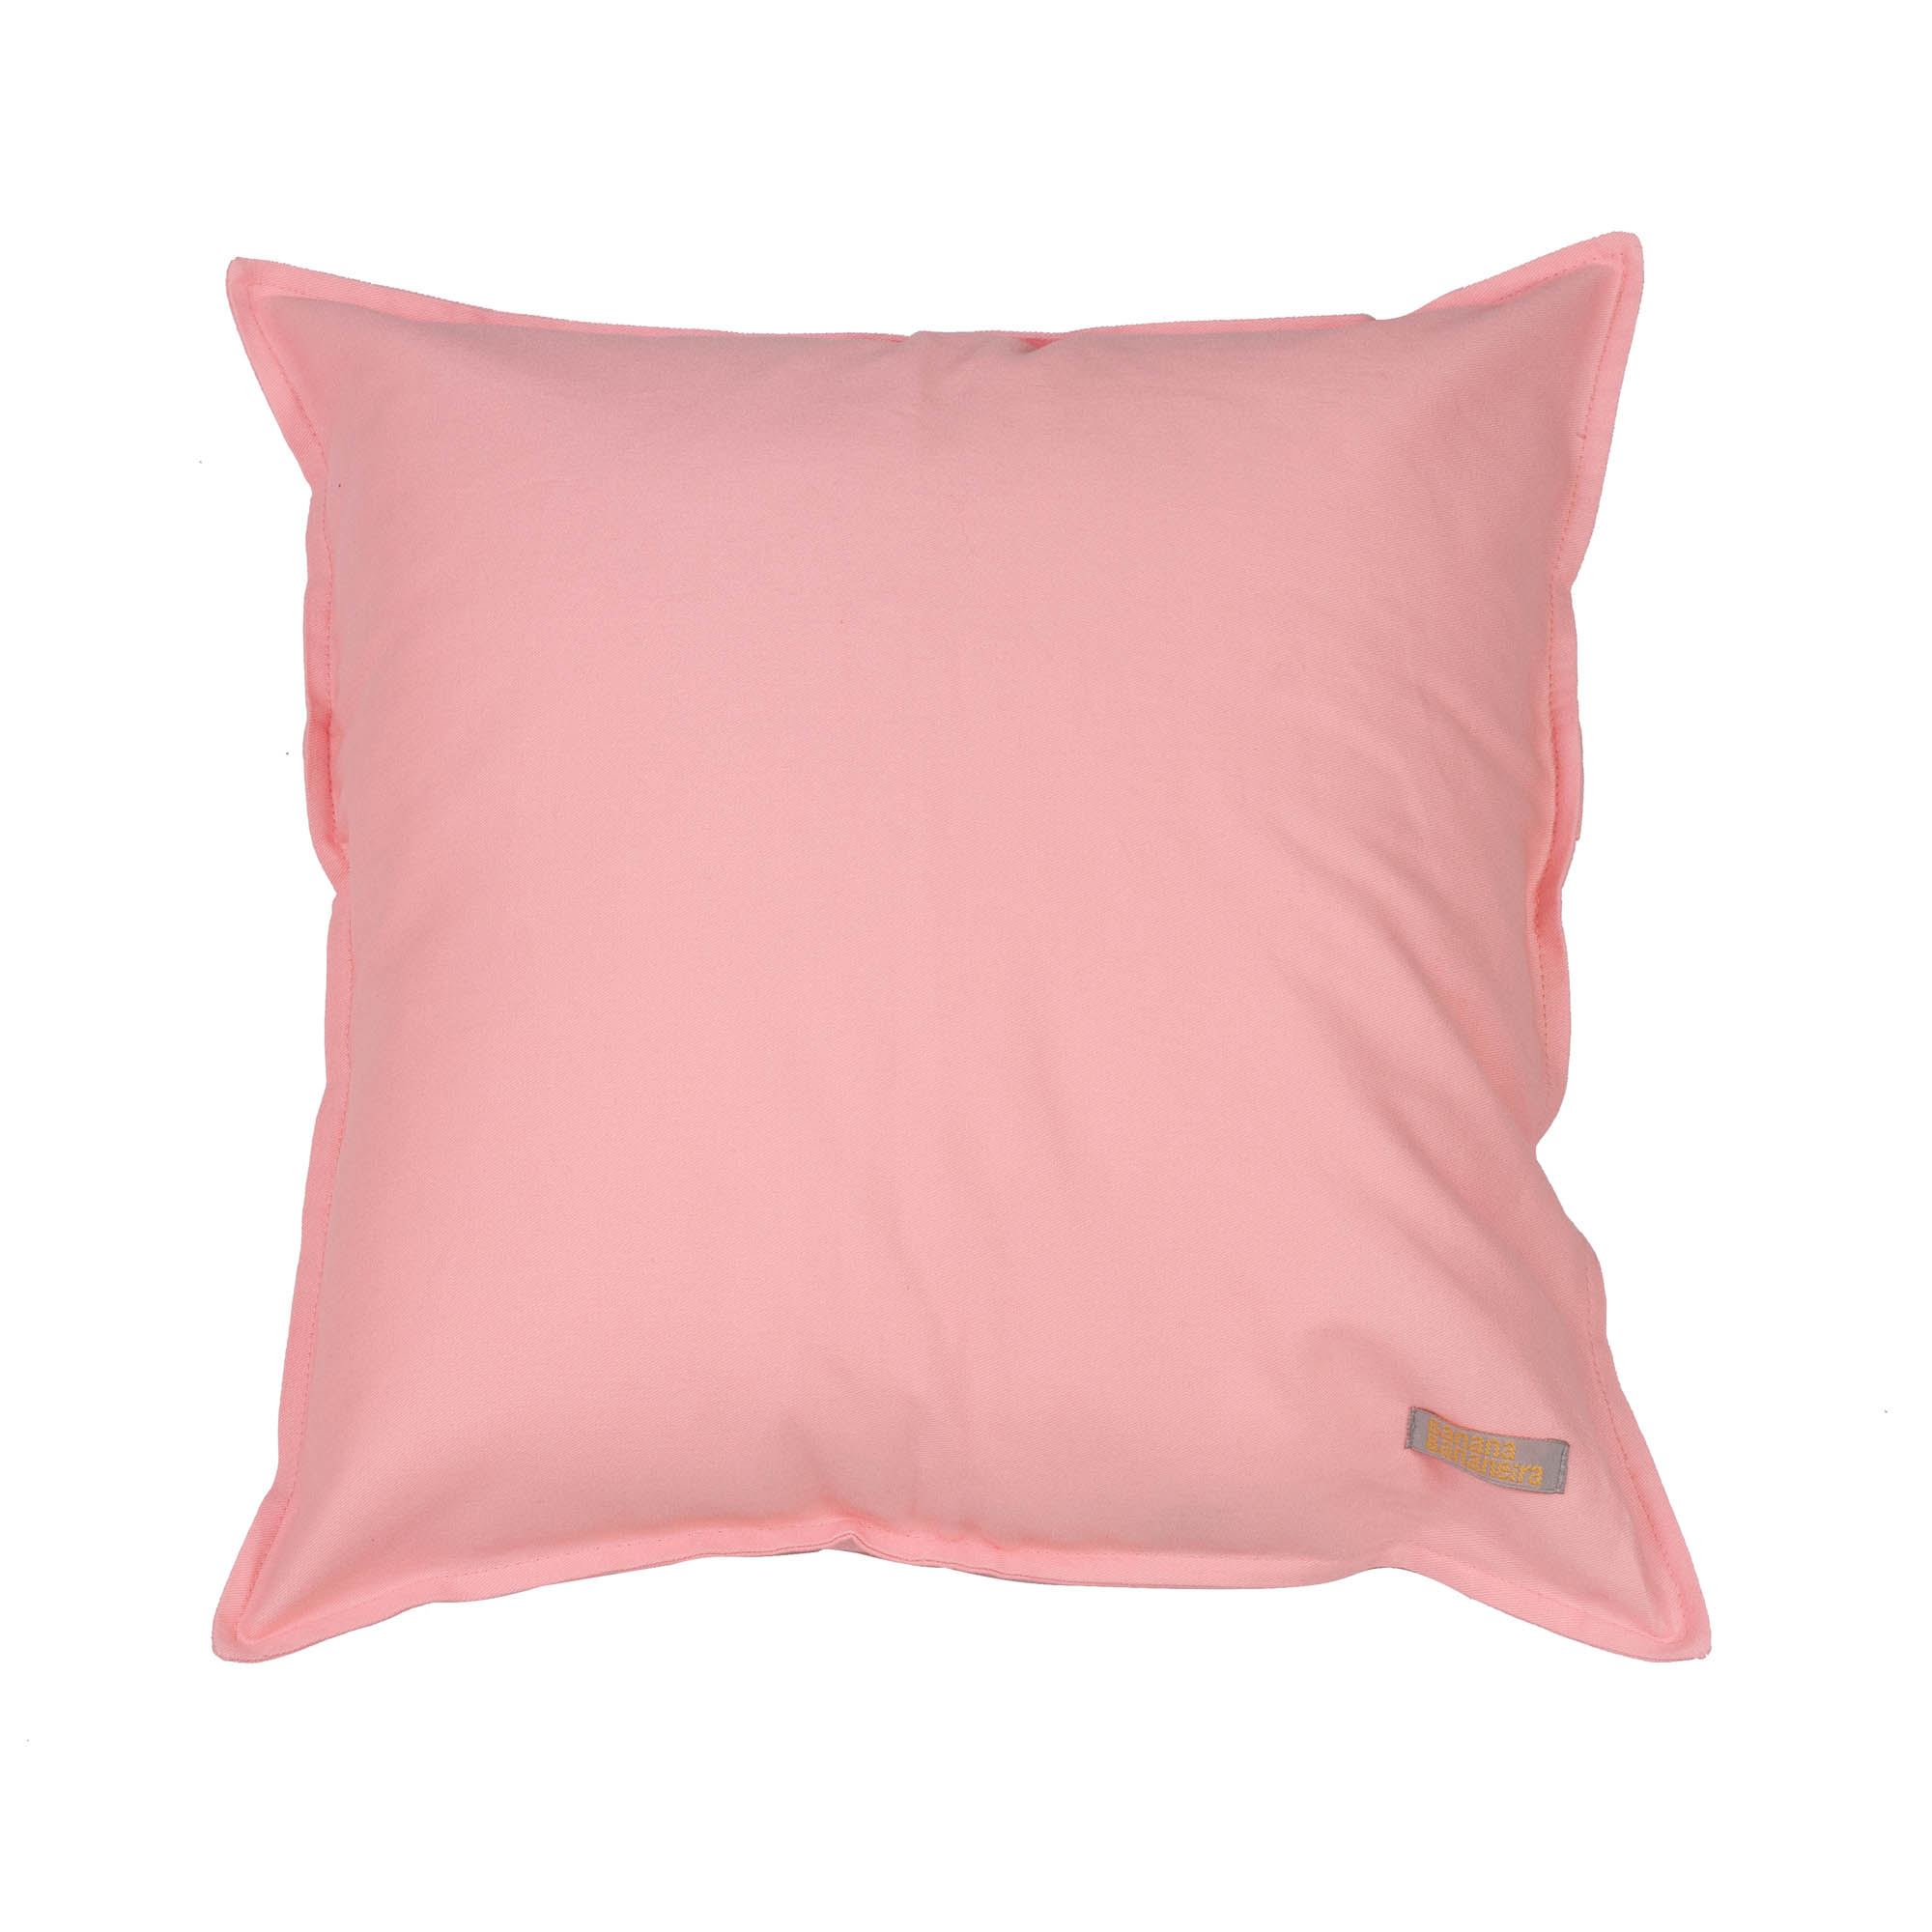 Capa de almofada em pesponto 45 cm x 45 cm rosa algodão doce